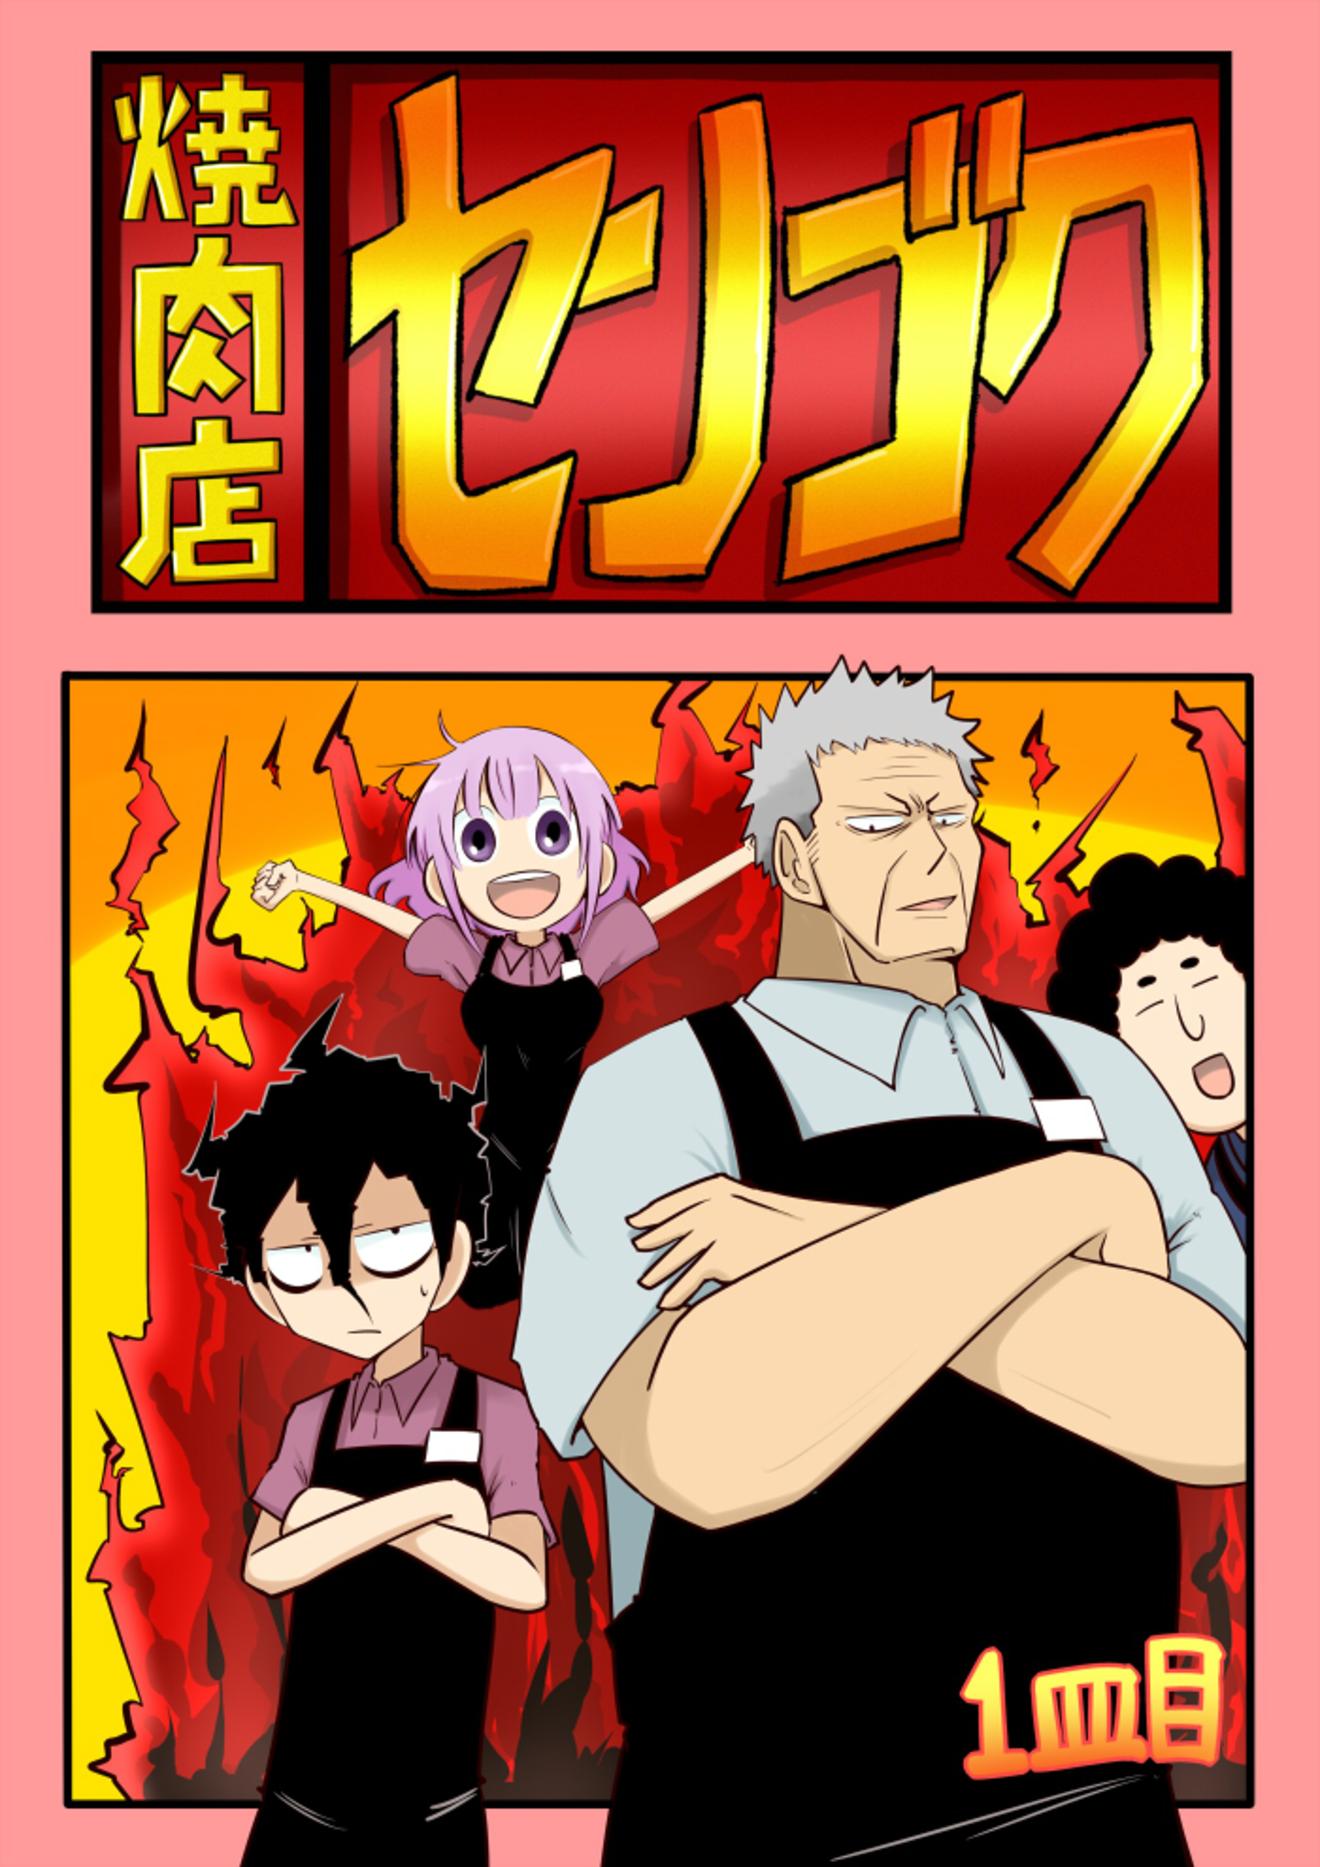 『焼肉店センゴク』が1話試し読み無料!ほのぼのギャグ漫画をネタバレ紹介!